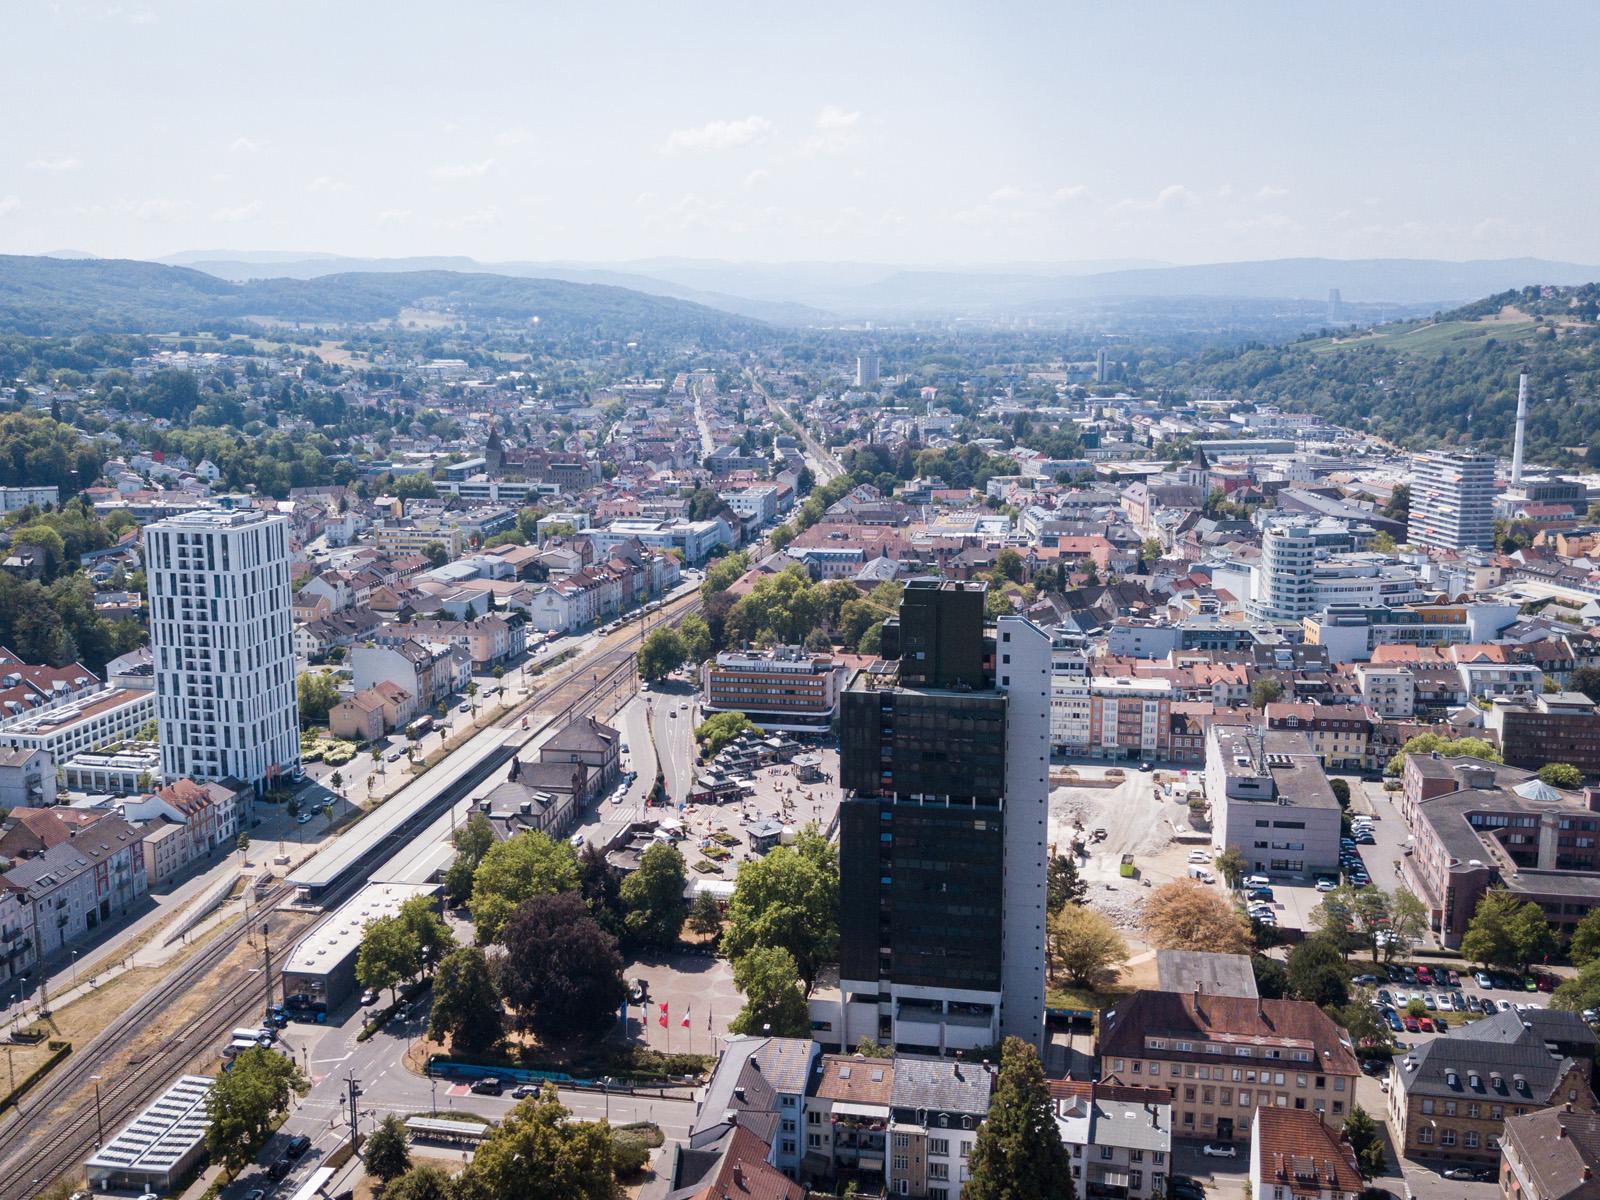 Blick auf die nördliche Innenstadt von oben